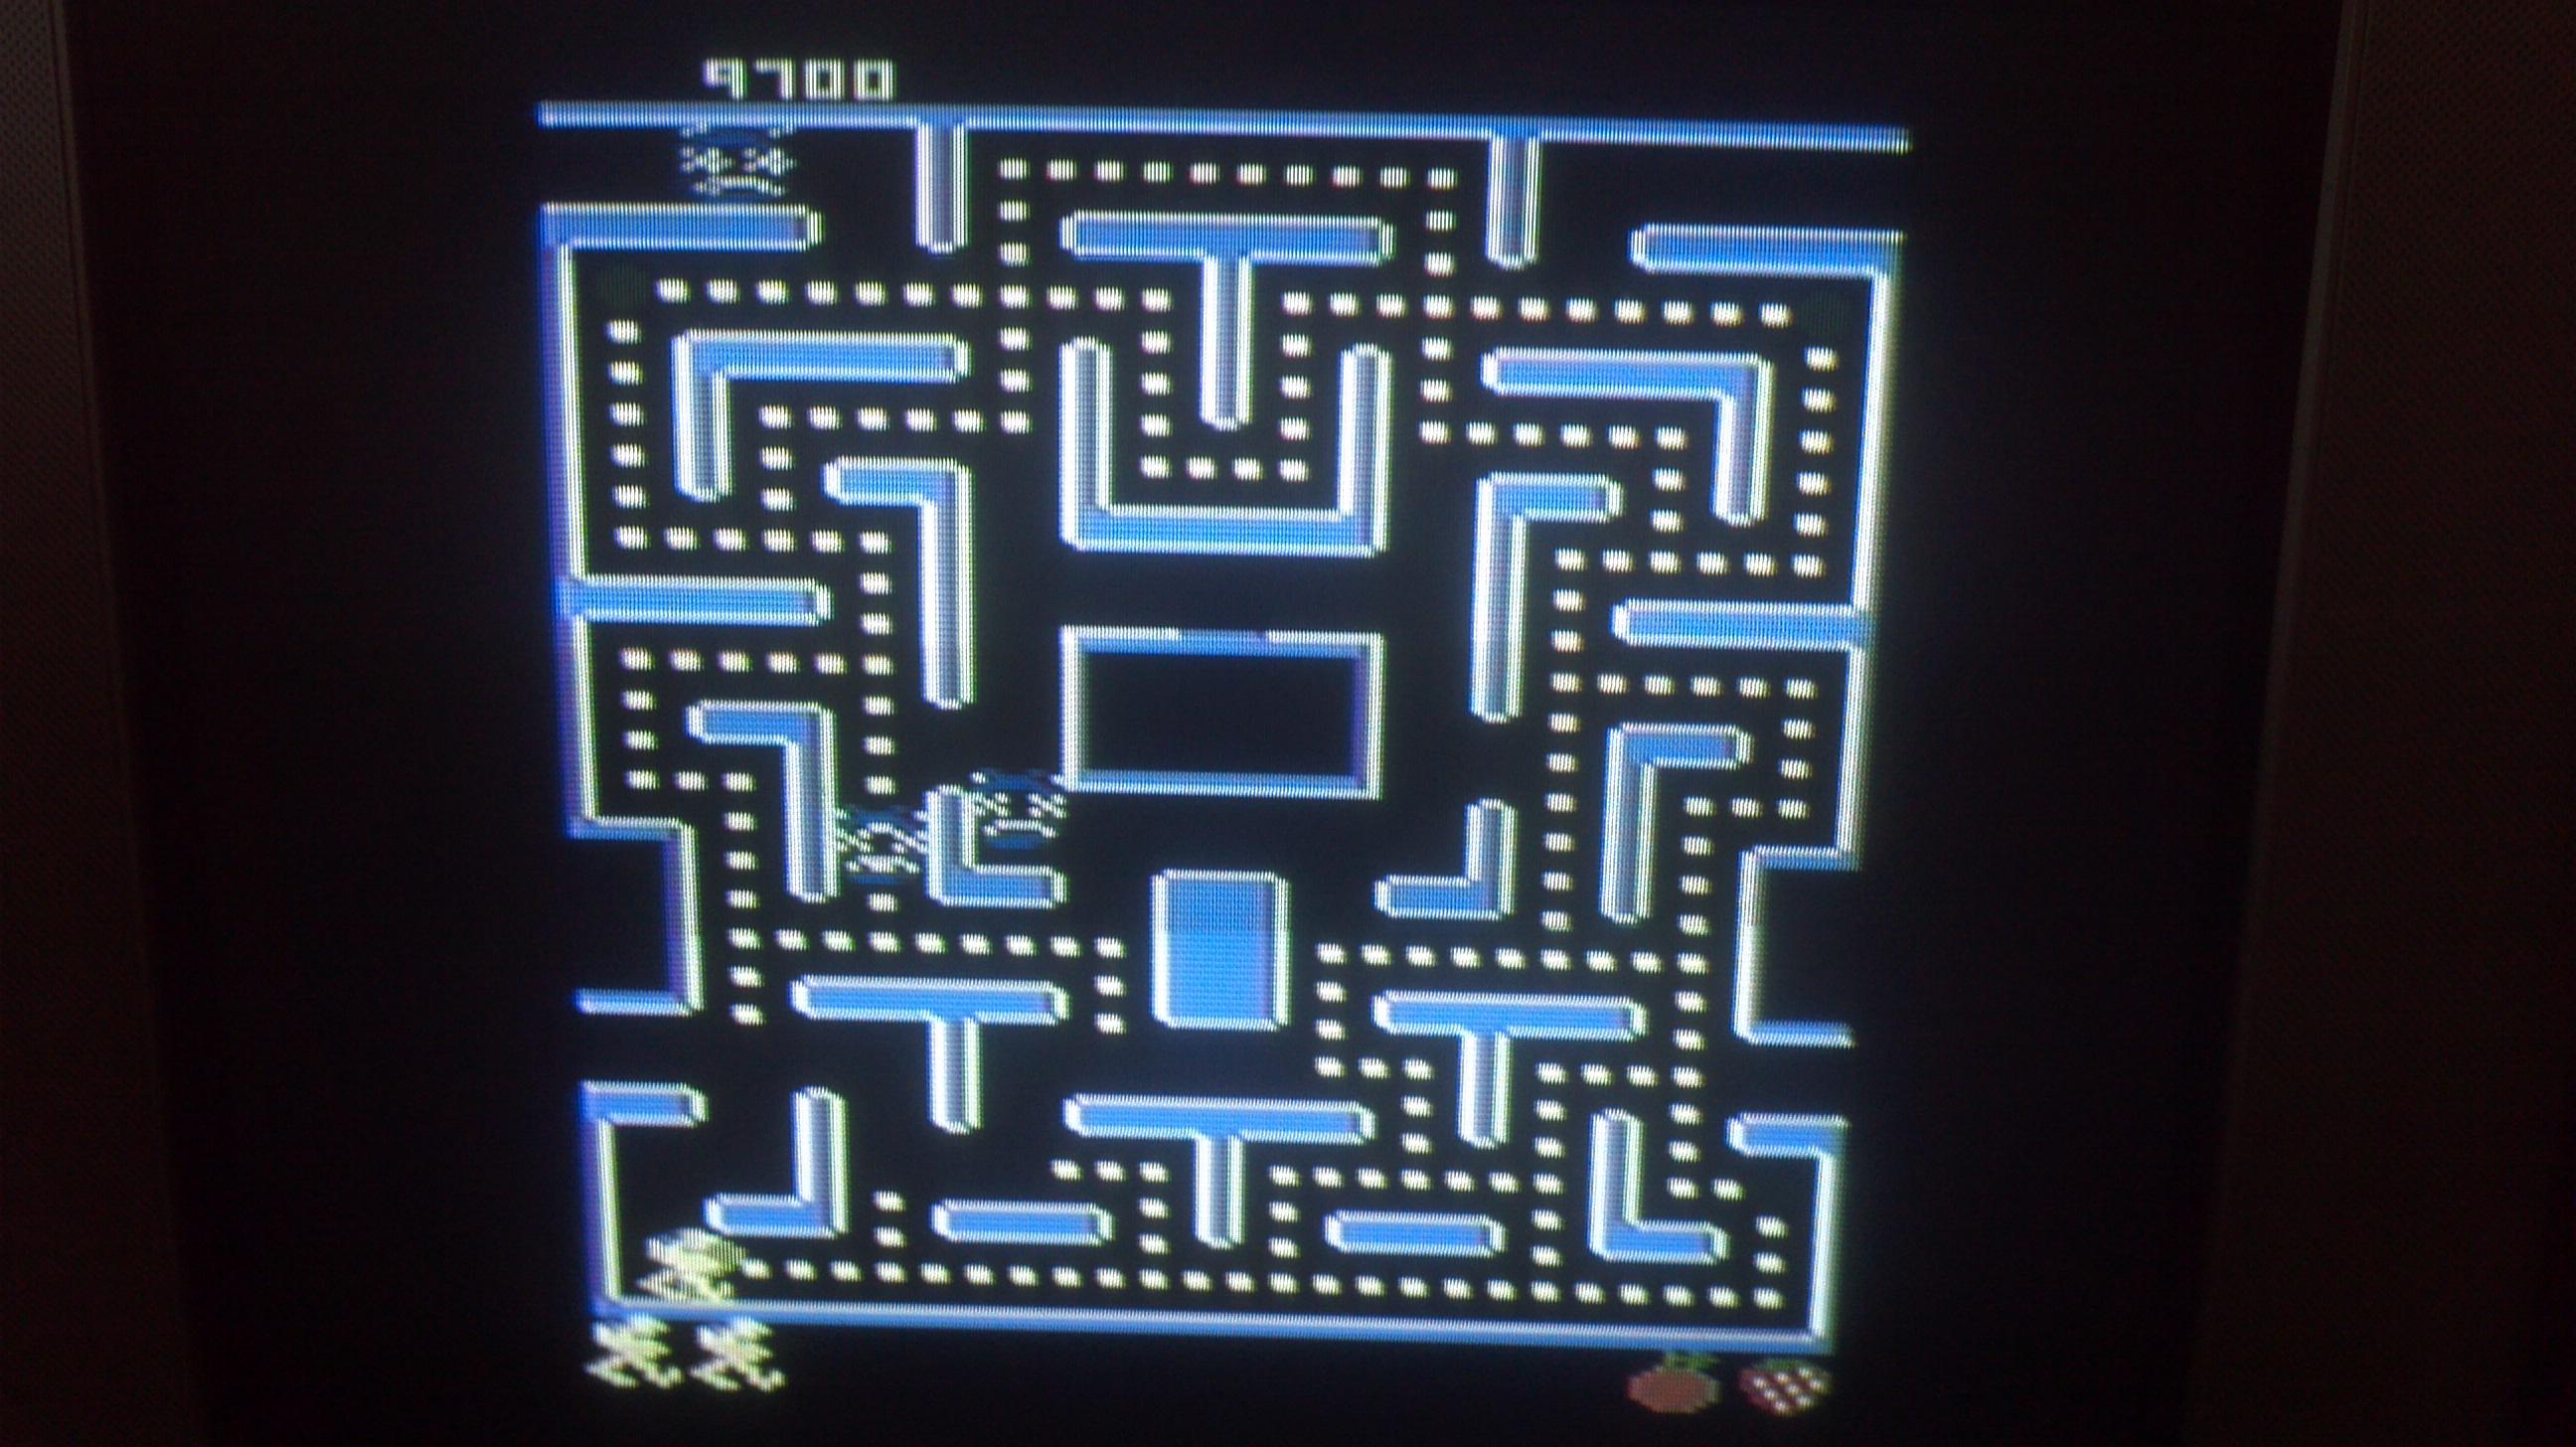 Liduario: Crazy Otto [Strawberry Start] (Atari 7800) 9,700 points on 2014-05-01 09:47:44